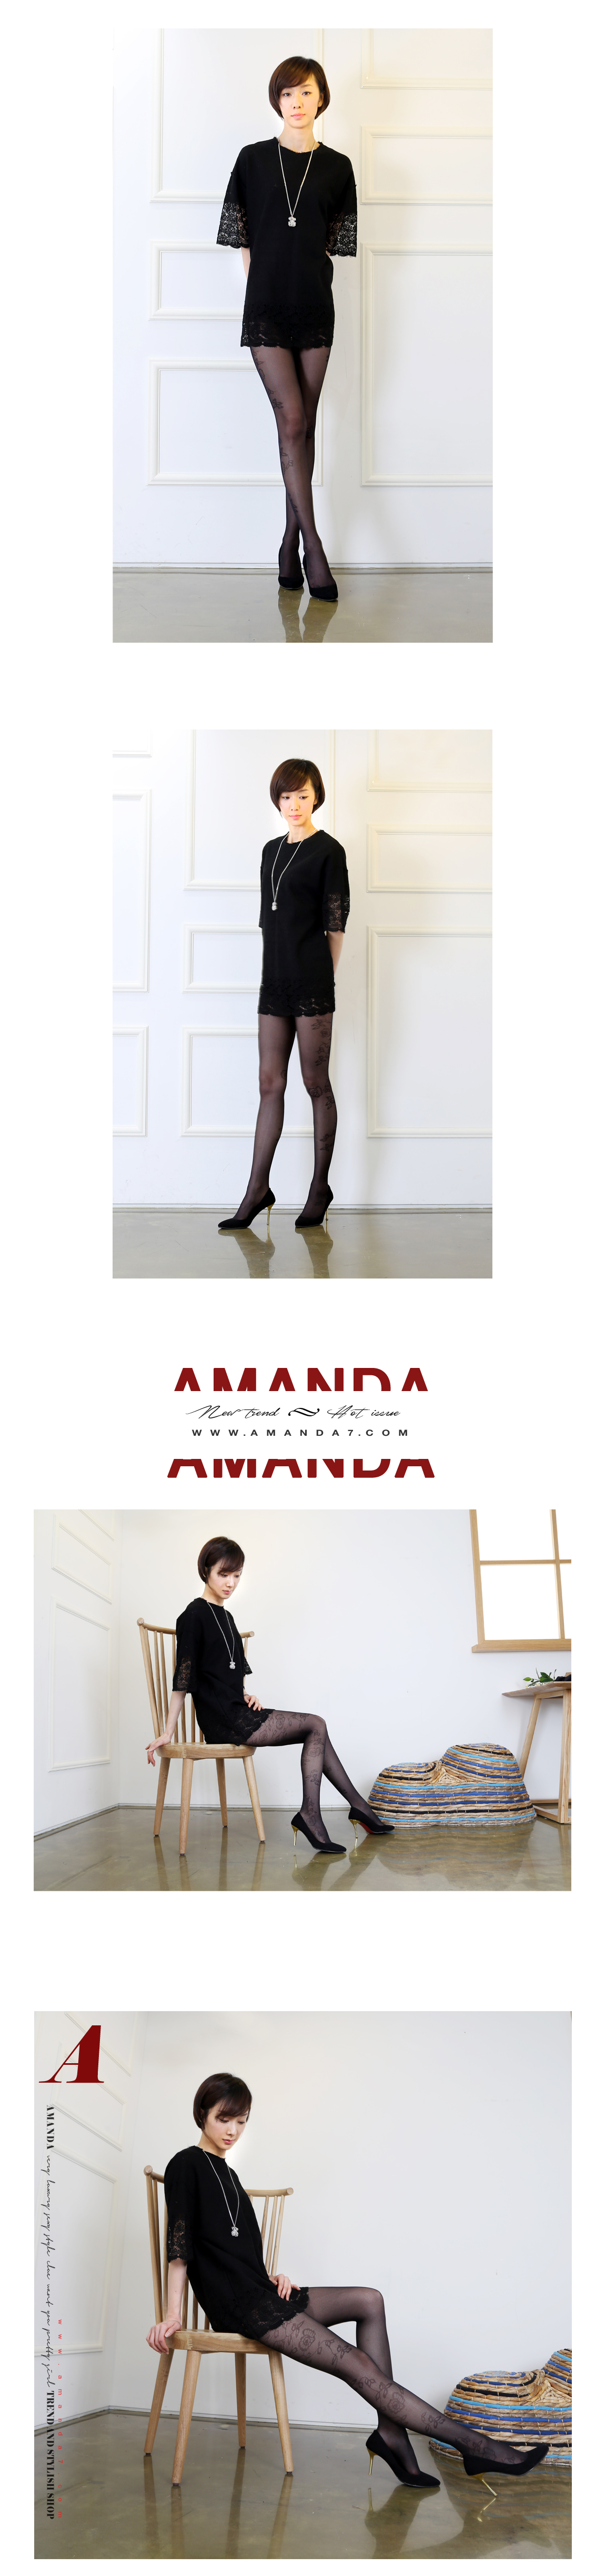 韩国正品薄款性感侧边玫瑰花纹显瘦透肉无缝丝袜连裤